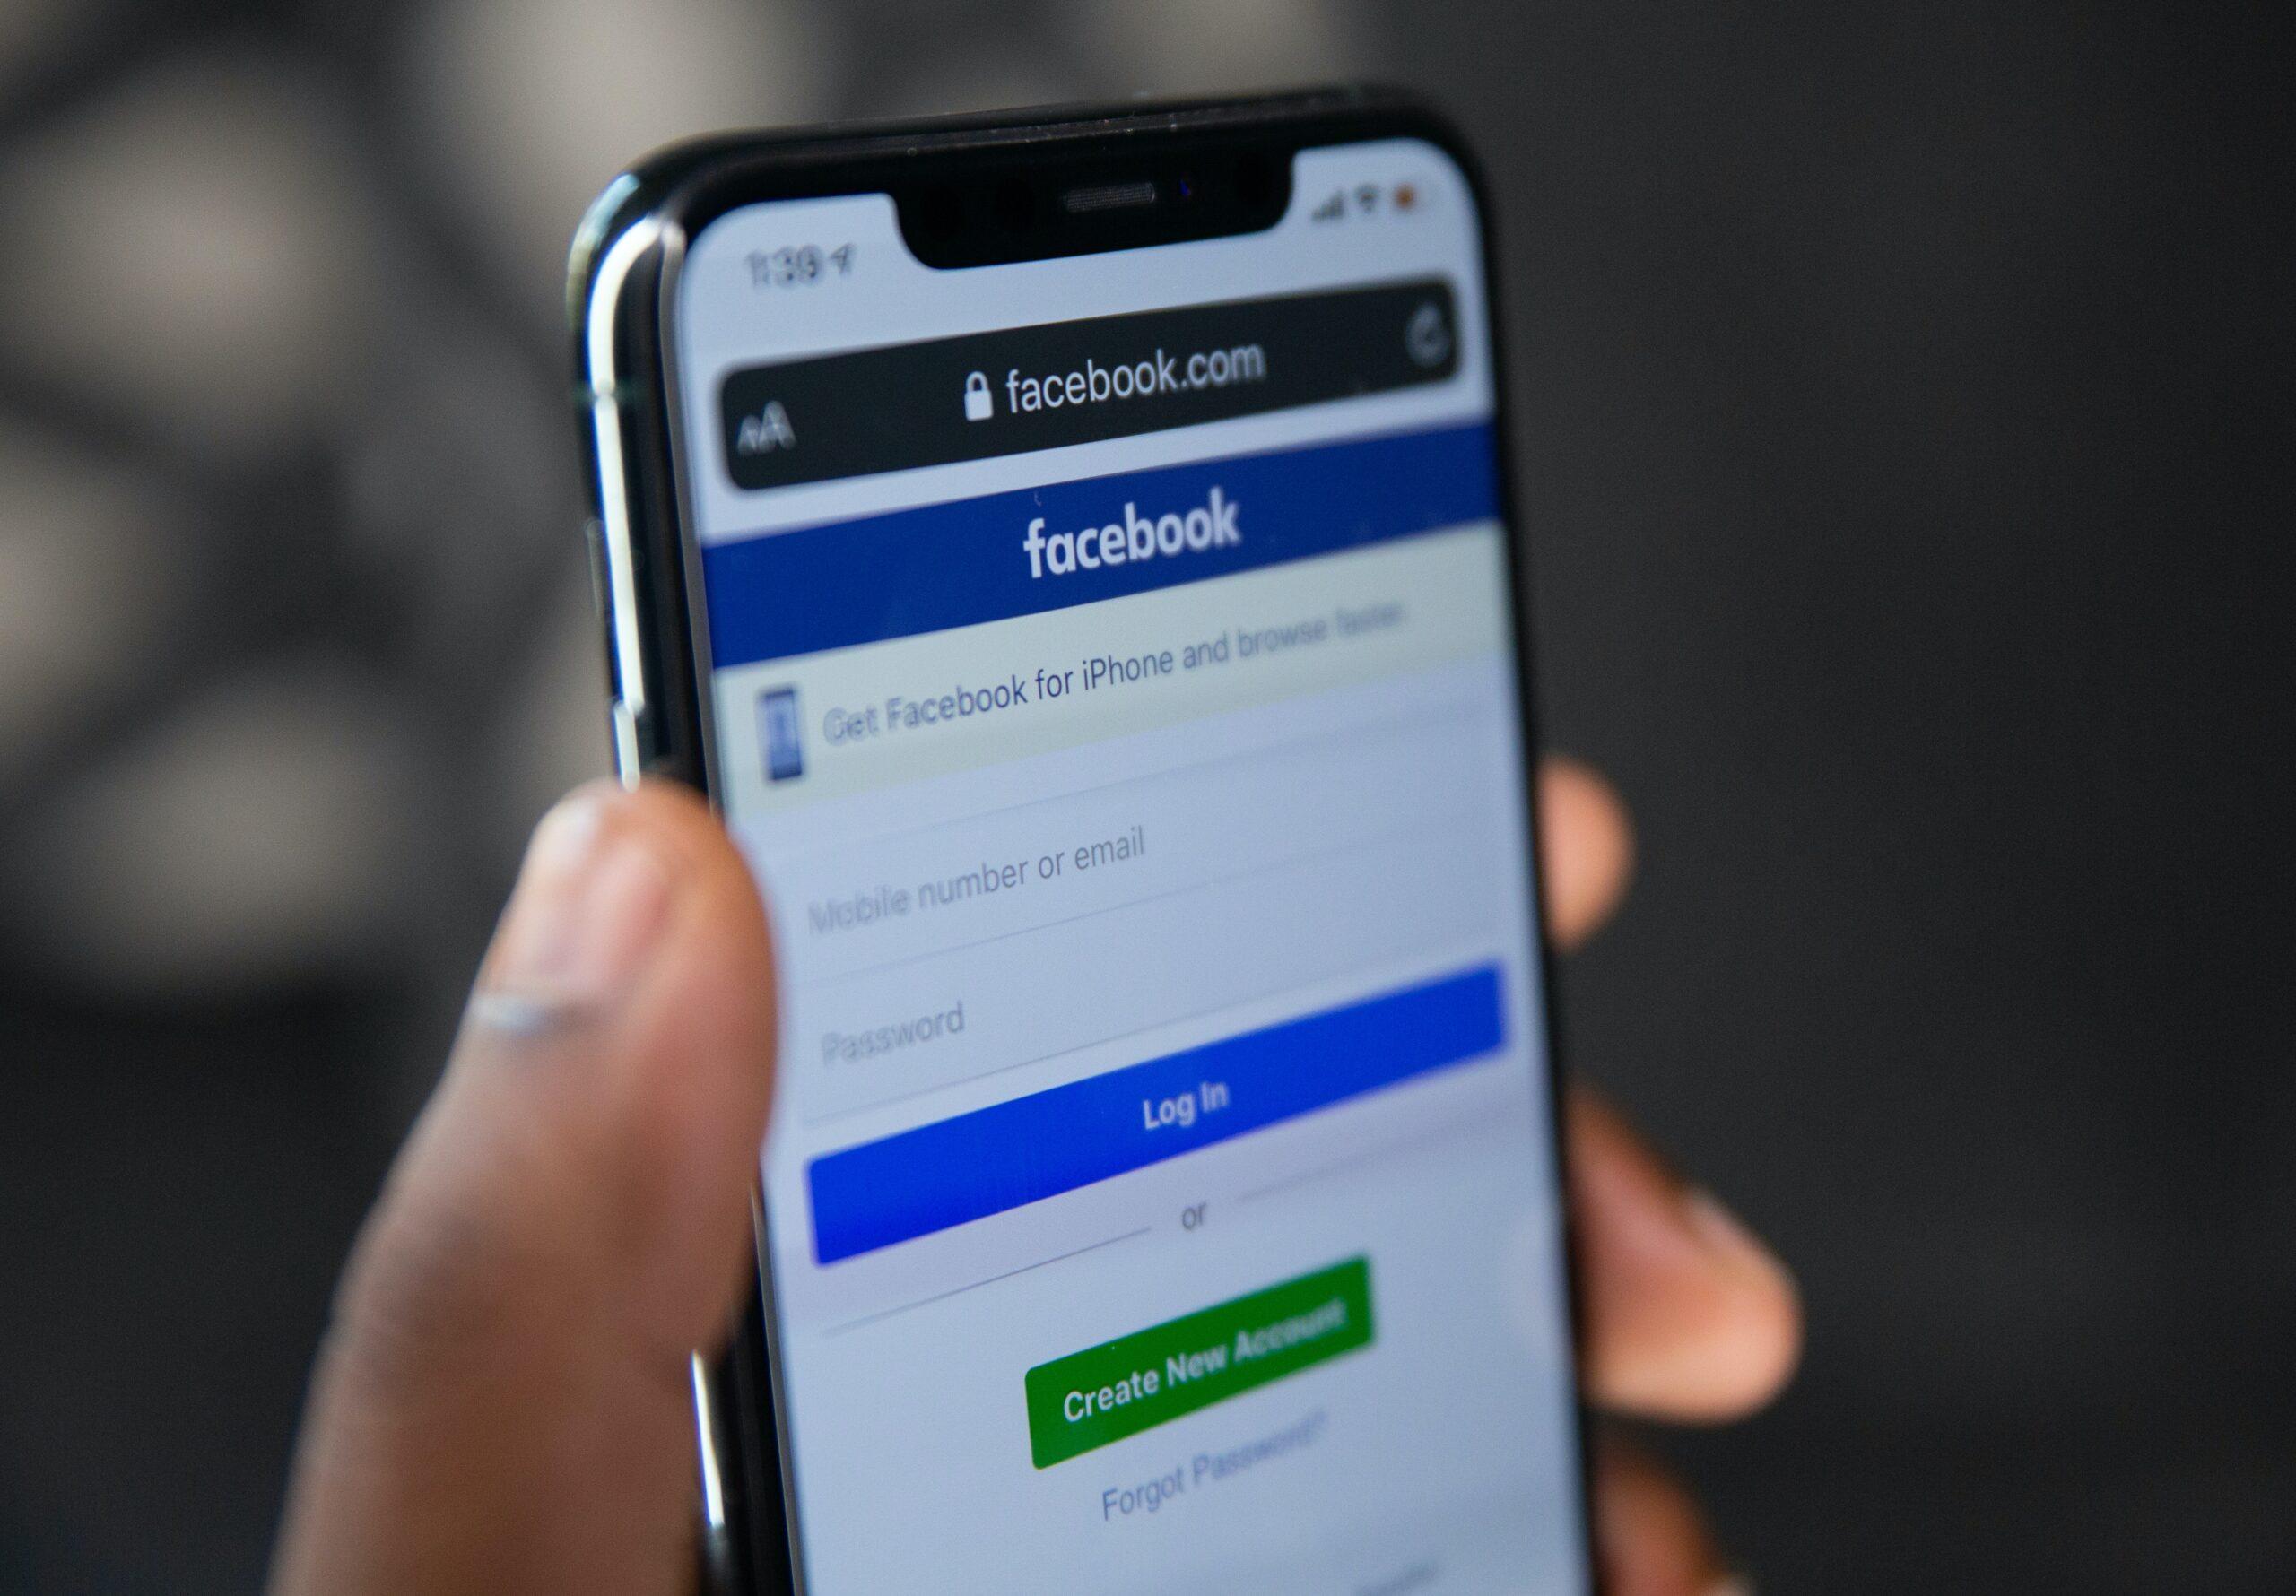 «Налог на Facebook»: в Сети обсуждают новый законопроект Рады об 20% на онлайн-услуги иностранных компаний